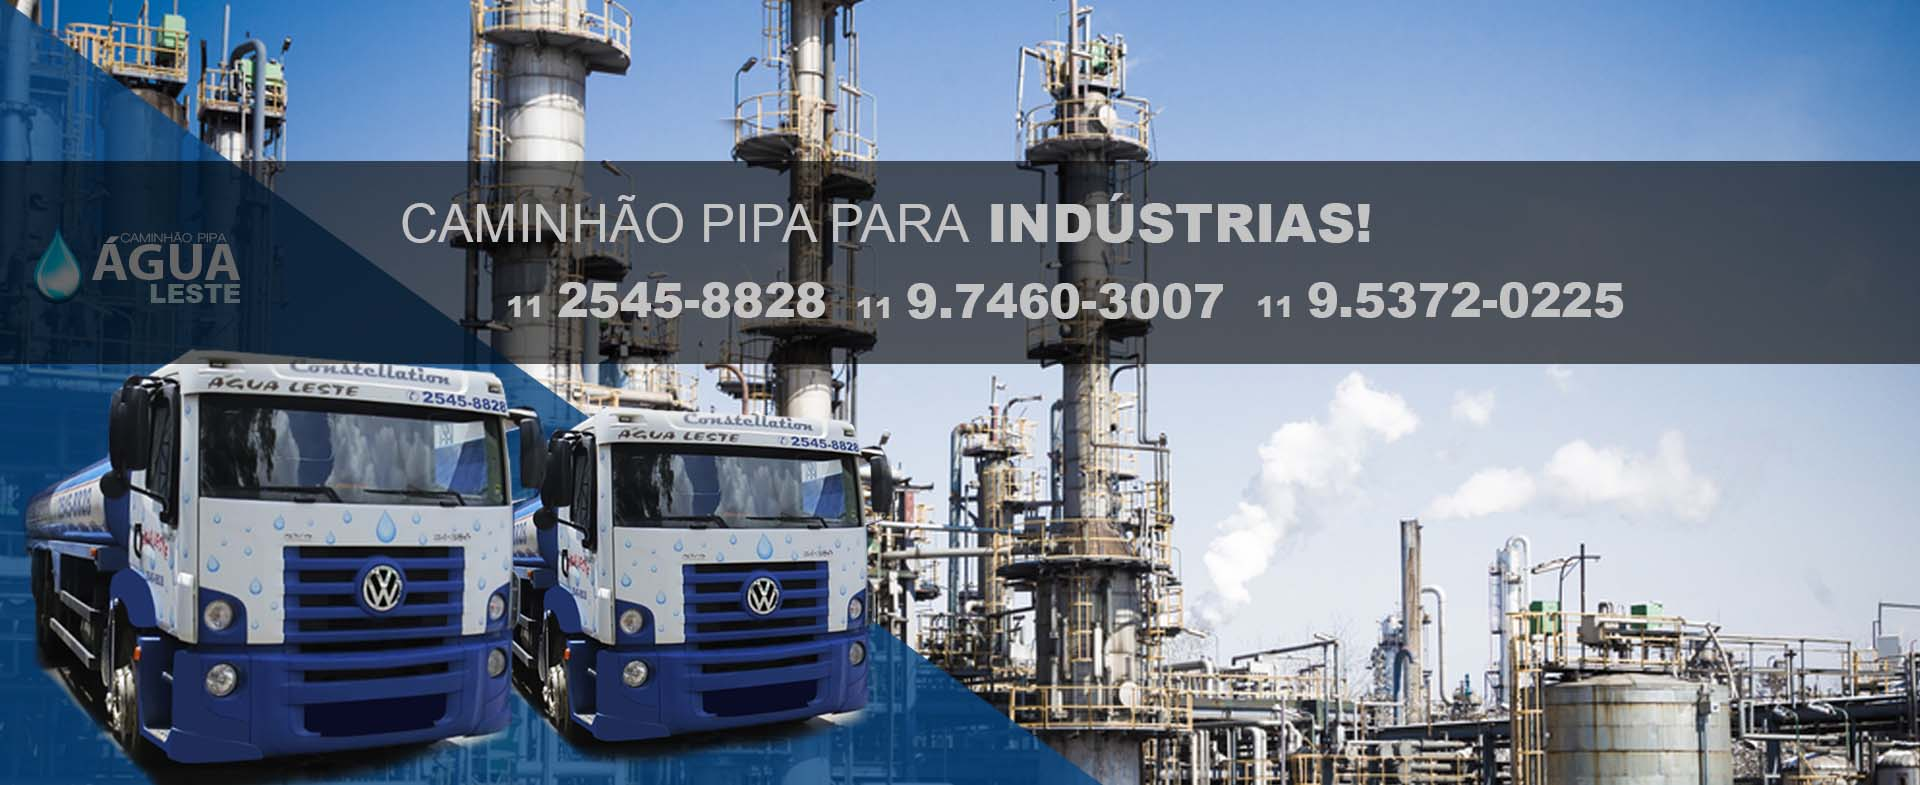 CAMINHÃO PIPA PARA INDÚSTRIAS